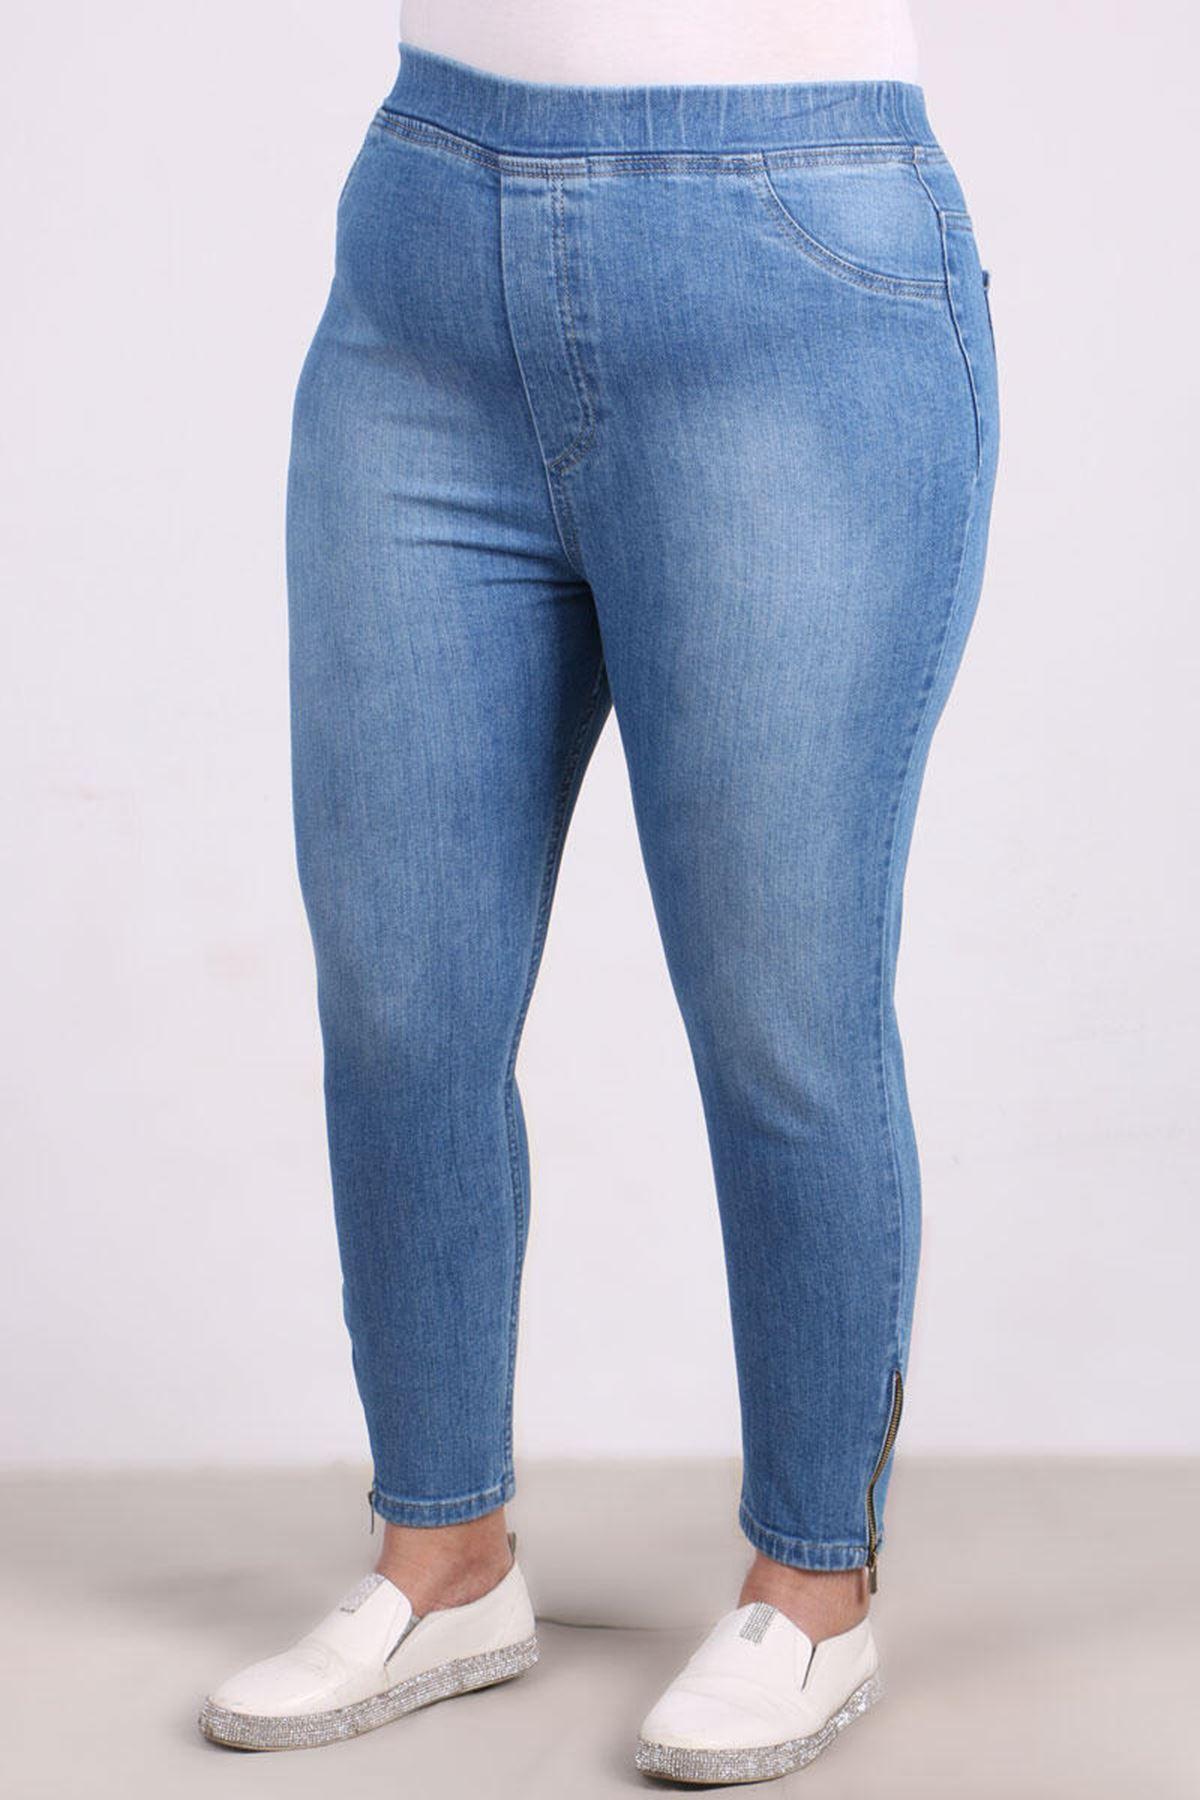 D-9121-1 Büyük Beden Defolu Taşlanmış Fermuar Detaylı Dar Paça Kot Pantalon-Mavi